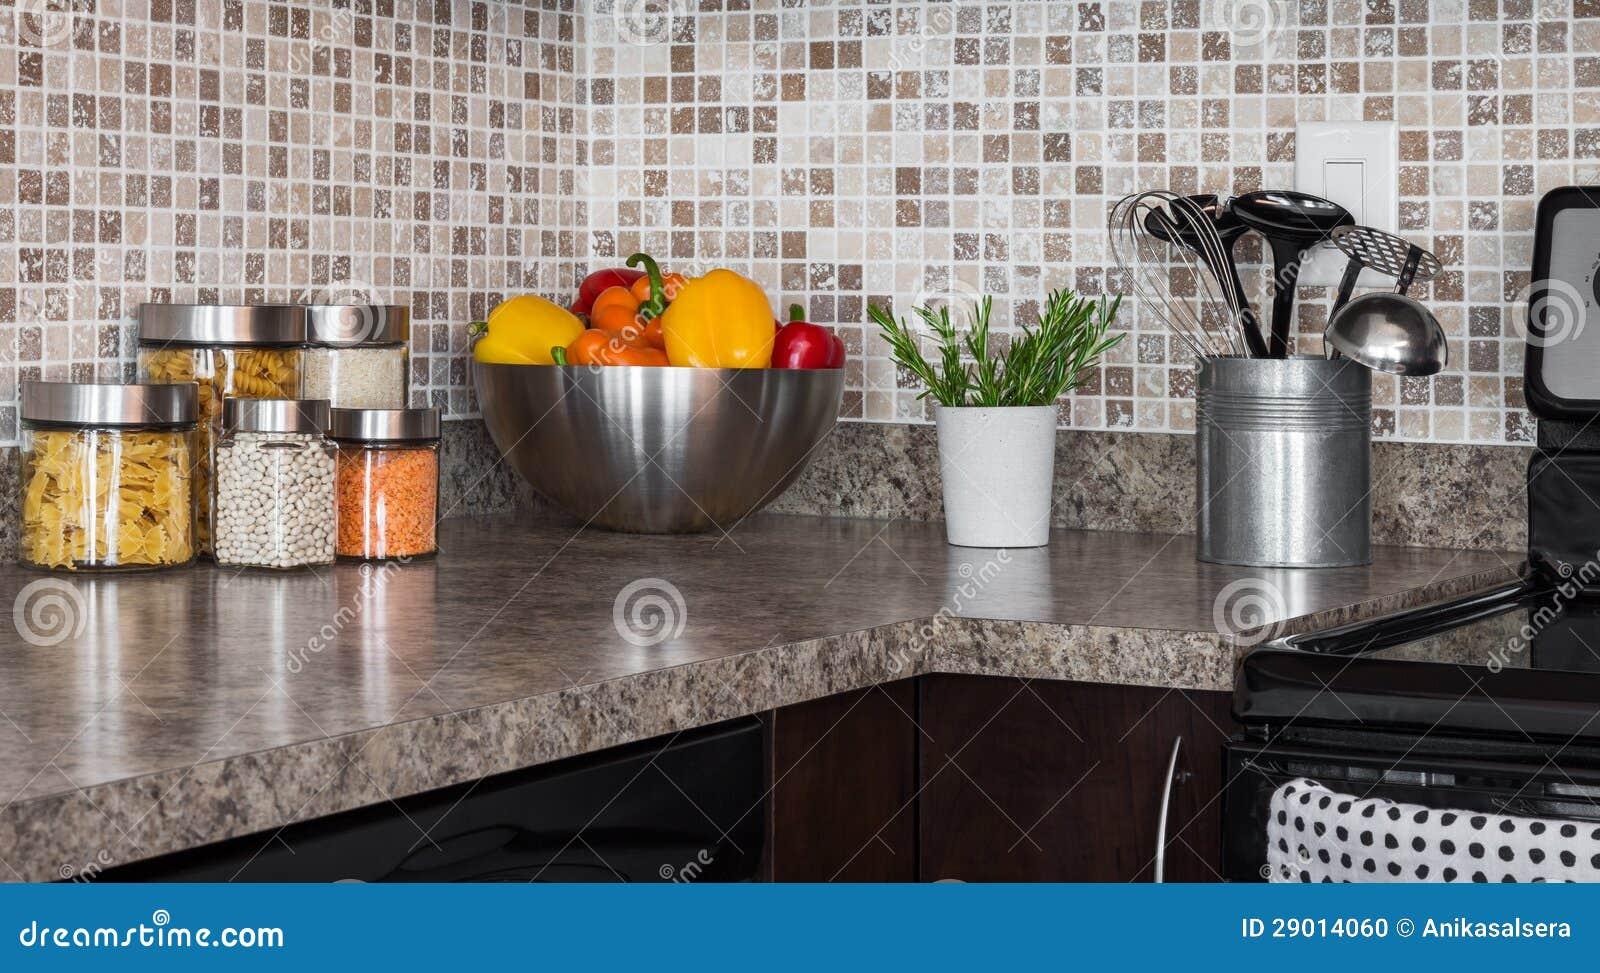 Lebensmittelinhaltsstoffe Und Kräuter Auf Küche Countertop ...